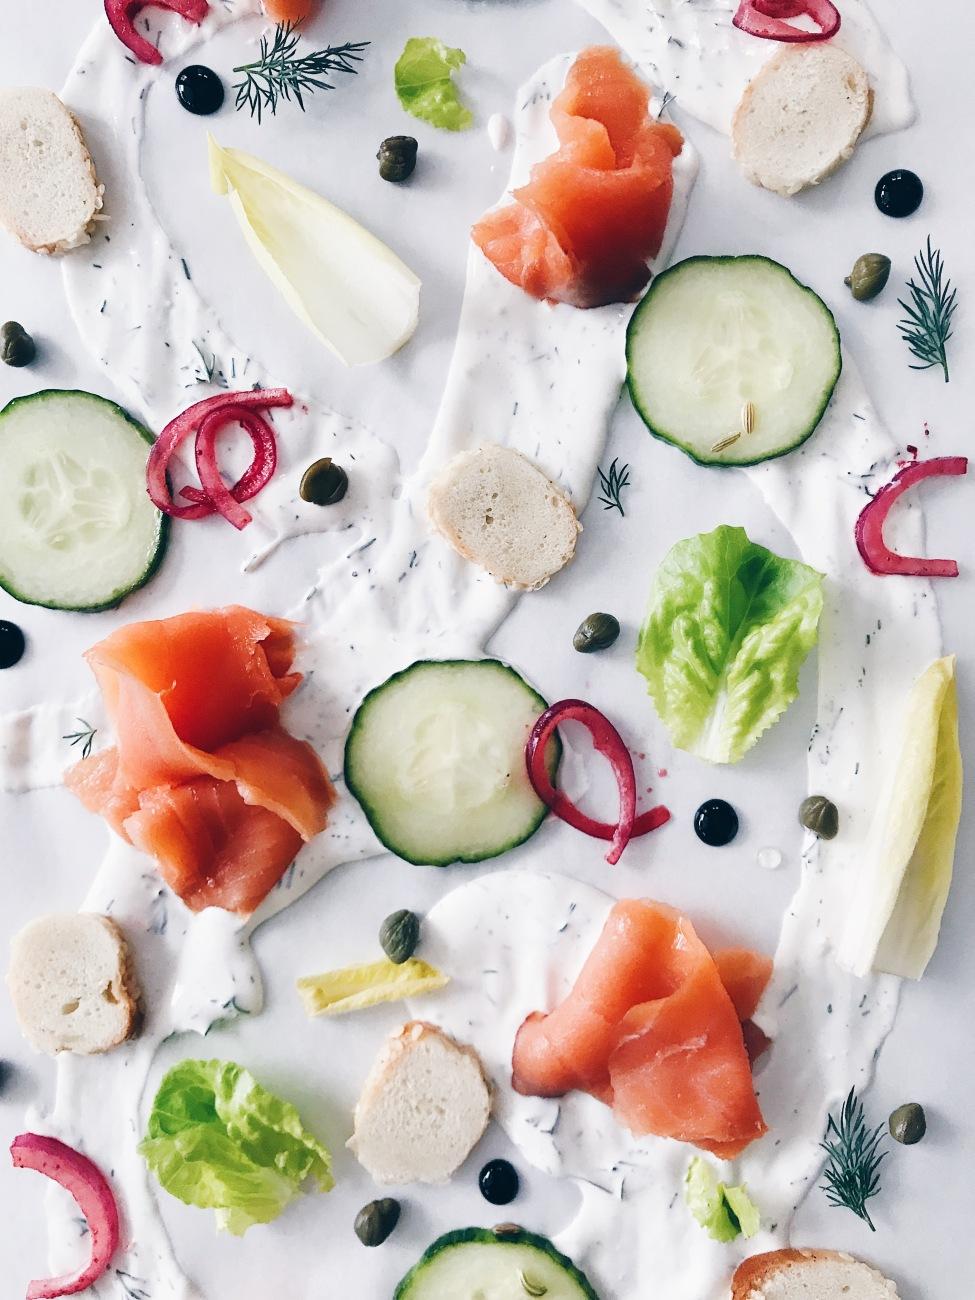 Entrée servie sur la table : saumon fumé, fromage à la crème, légumes marinés et bagel